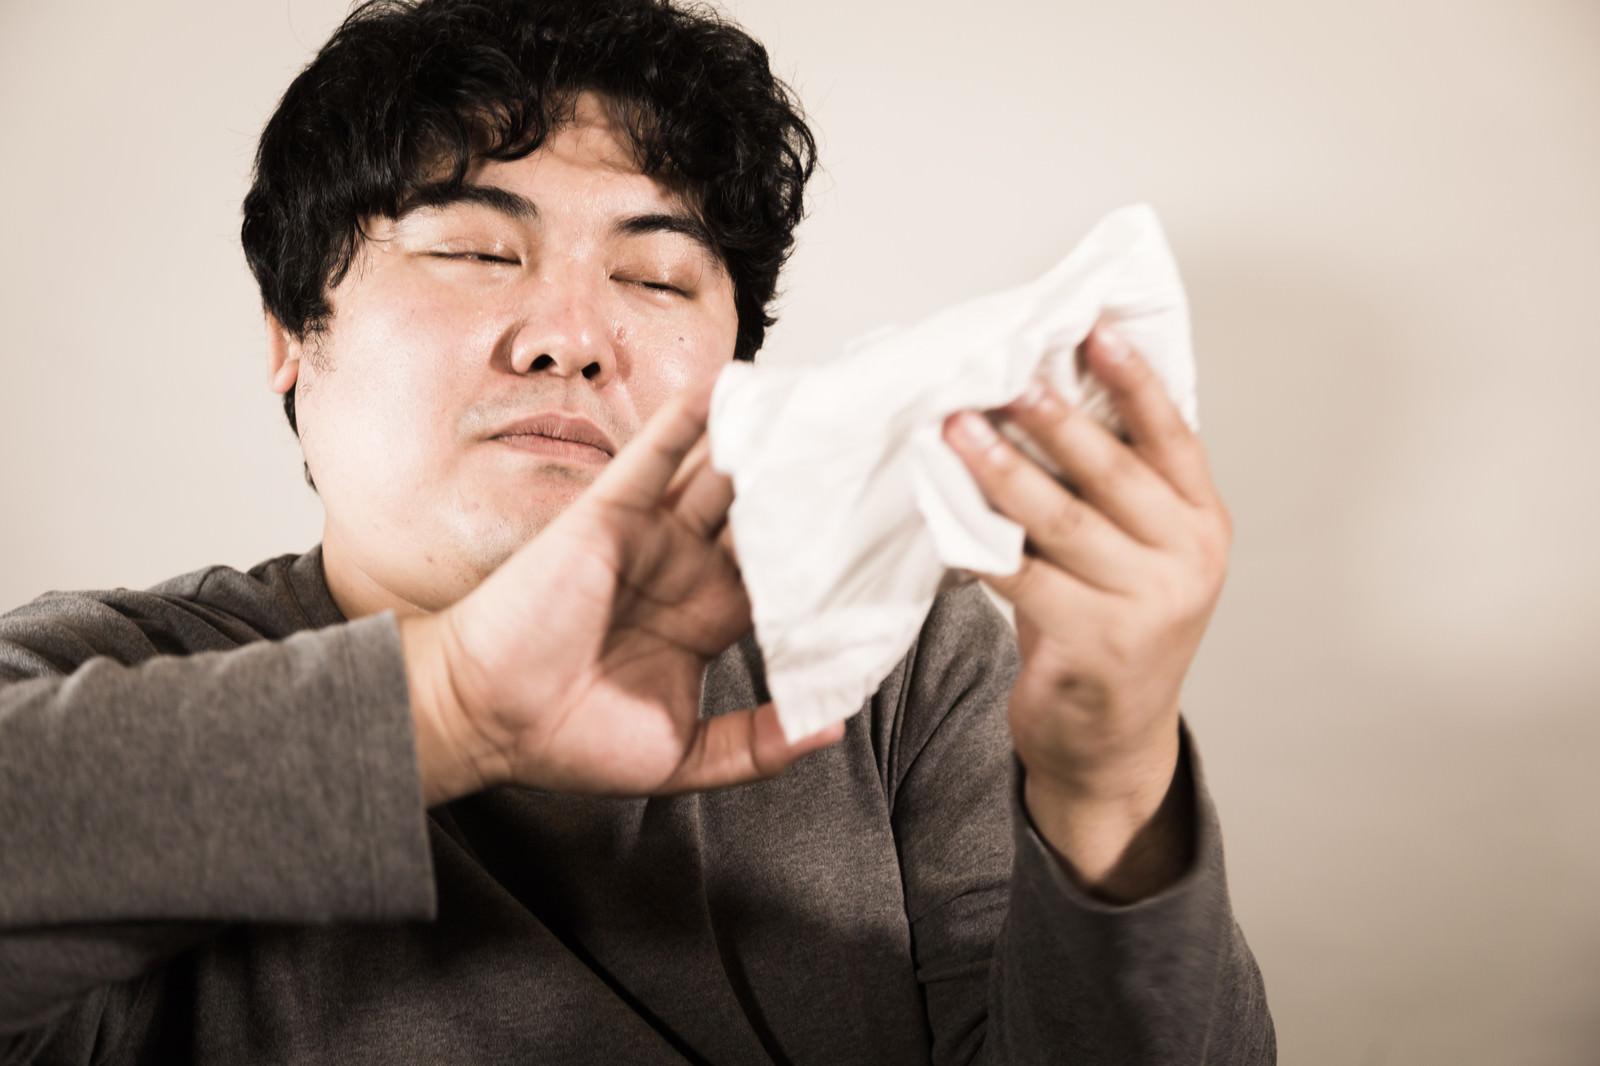 「布に包んだやわらかスマホ布に包んだやわらかスマホ」[モデル:段田隼人]のフリー写真素材を拡大